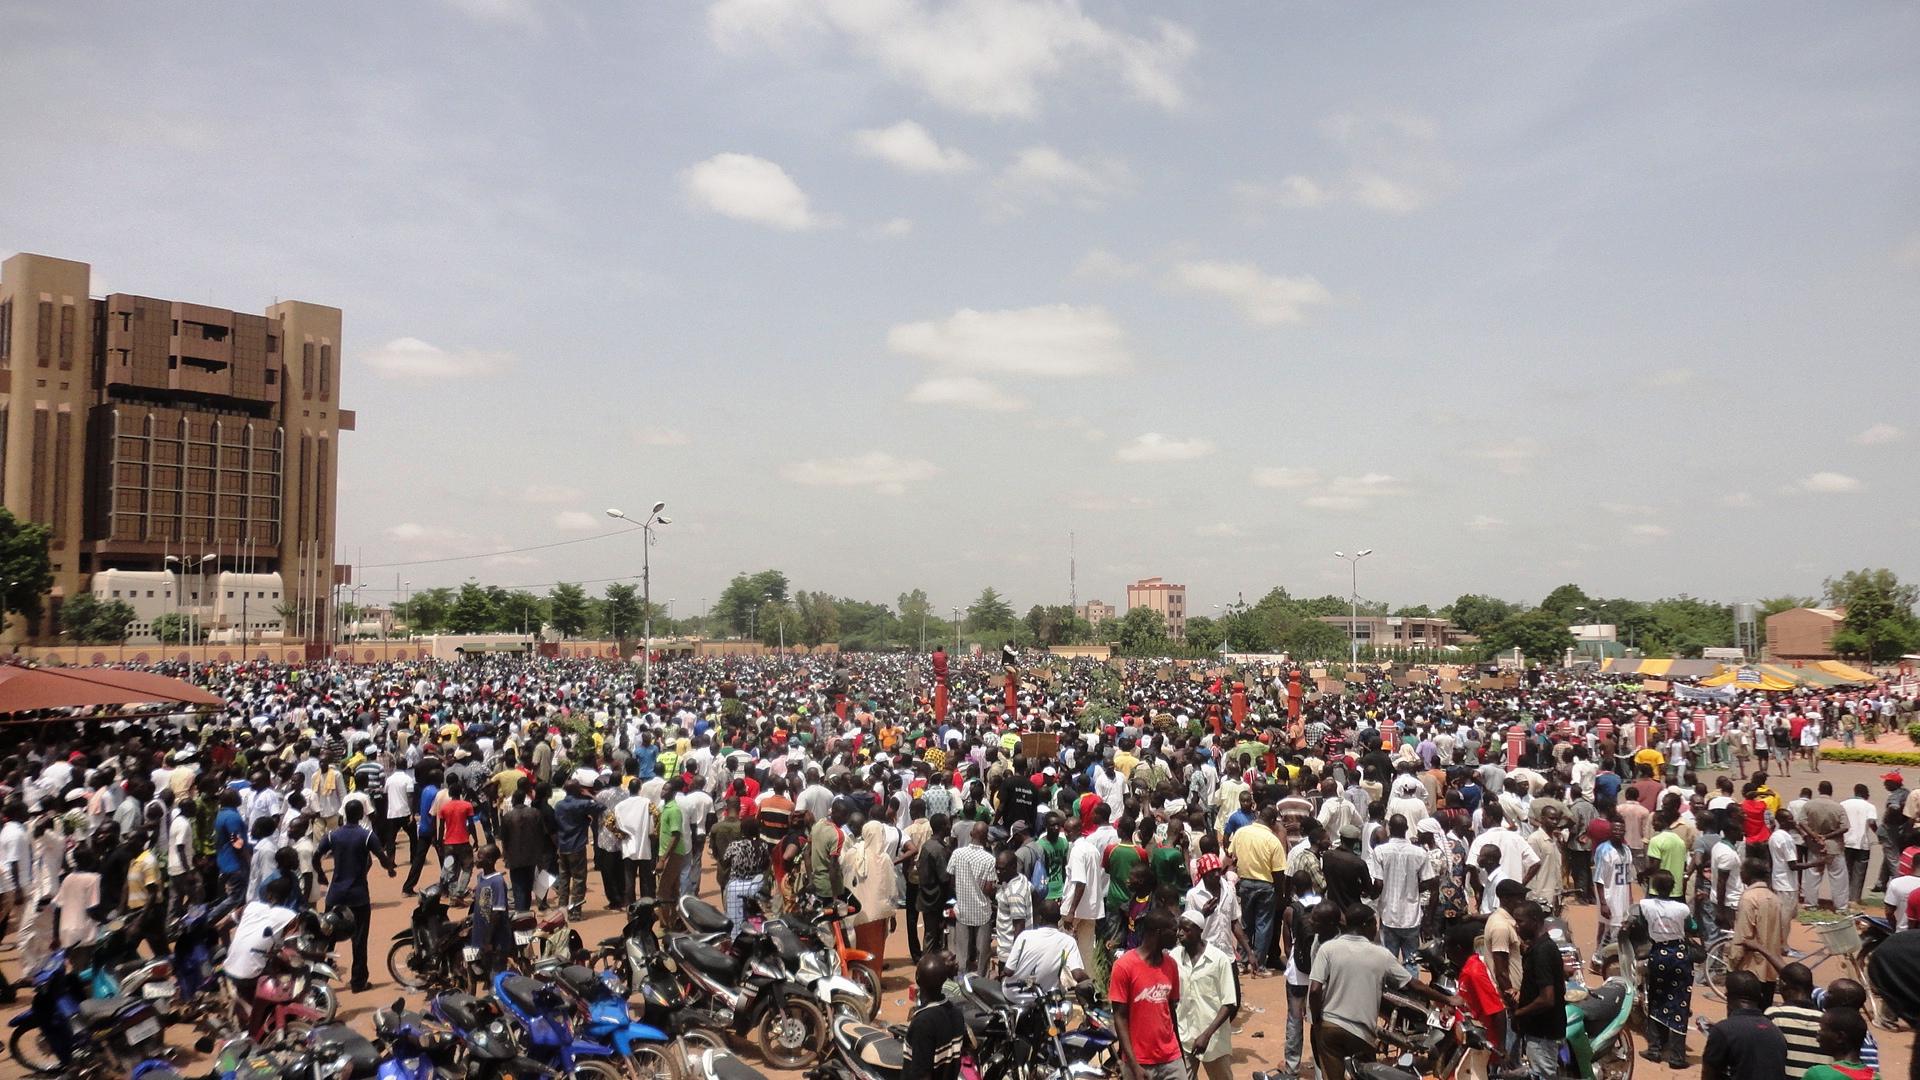 Les manifestants à la Place de la Nation ce 28 juillet 2013 (Ph : B24)